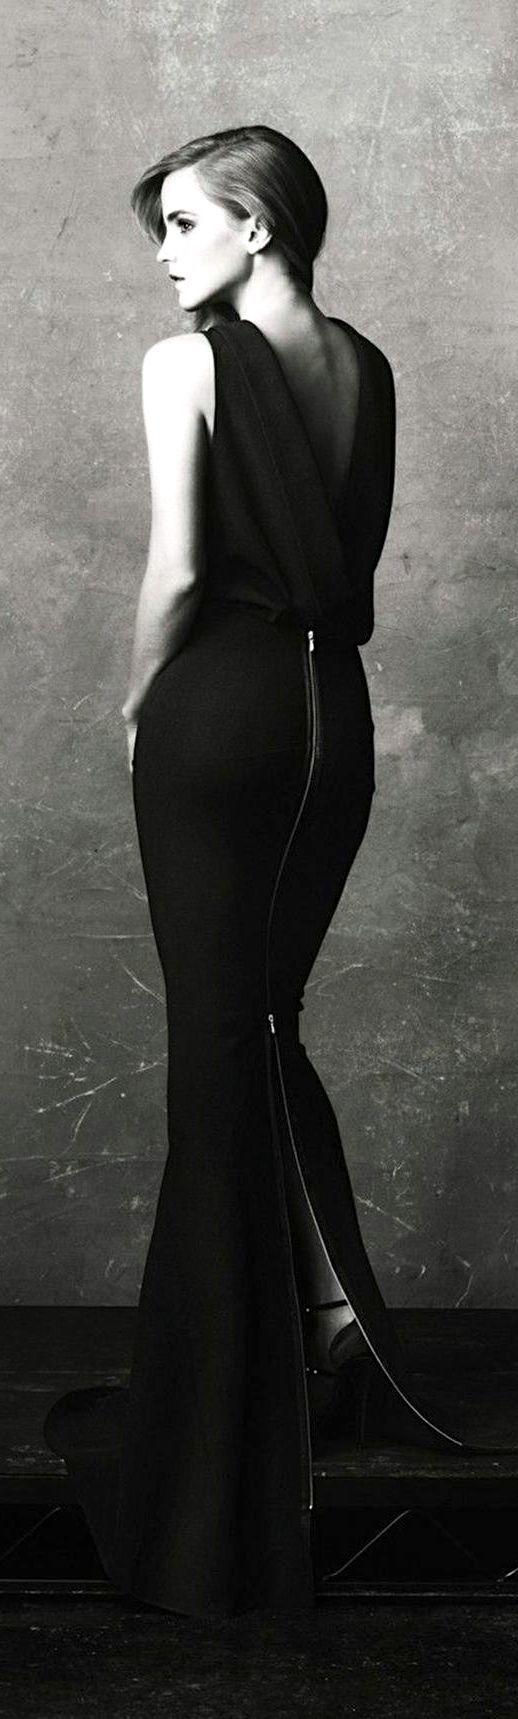 Long Cool Woman In A Black Dress Emma Watson Style Emma Watson Dresses [ 1719 x 518 Pixel ]